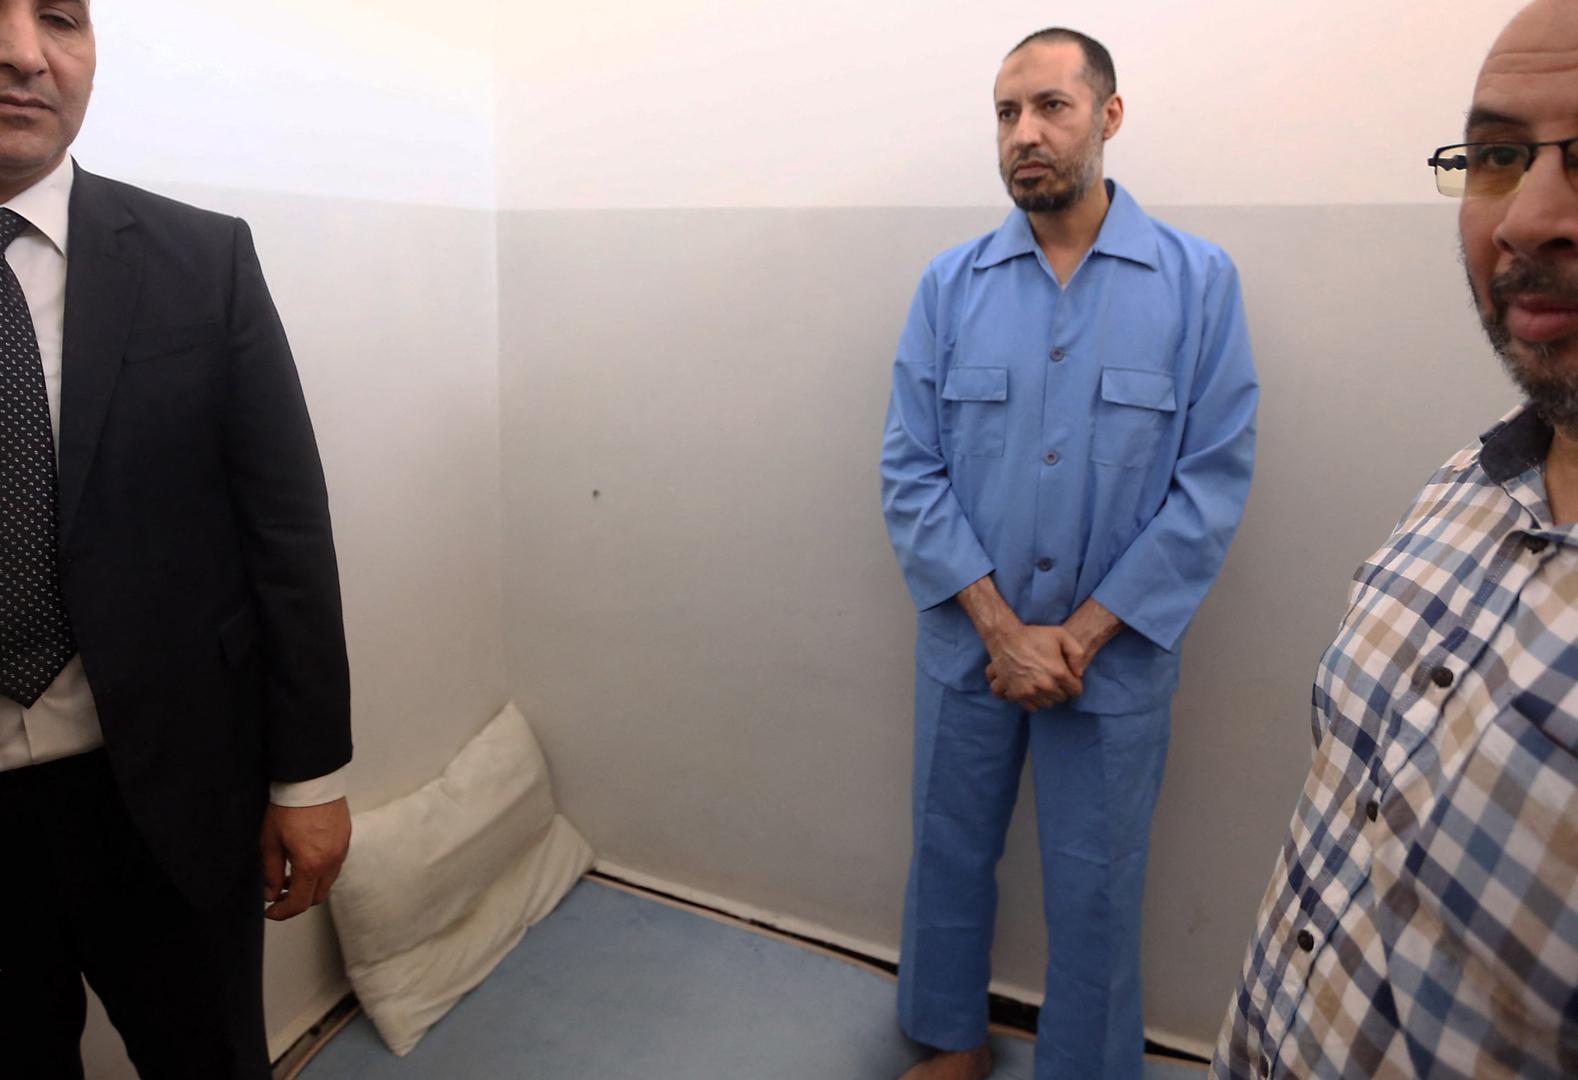 محامي أسرة القذافي: سنلجأ إلى المحاكم الدولية إذا لم يتم الإفراج عن الساعدي